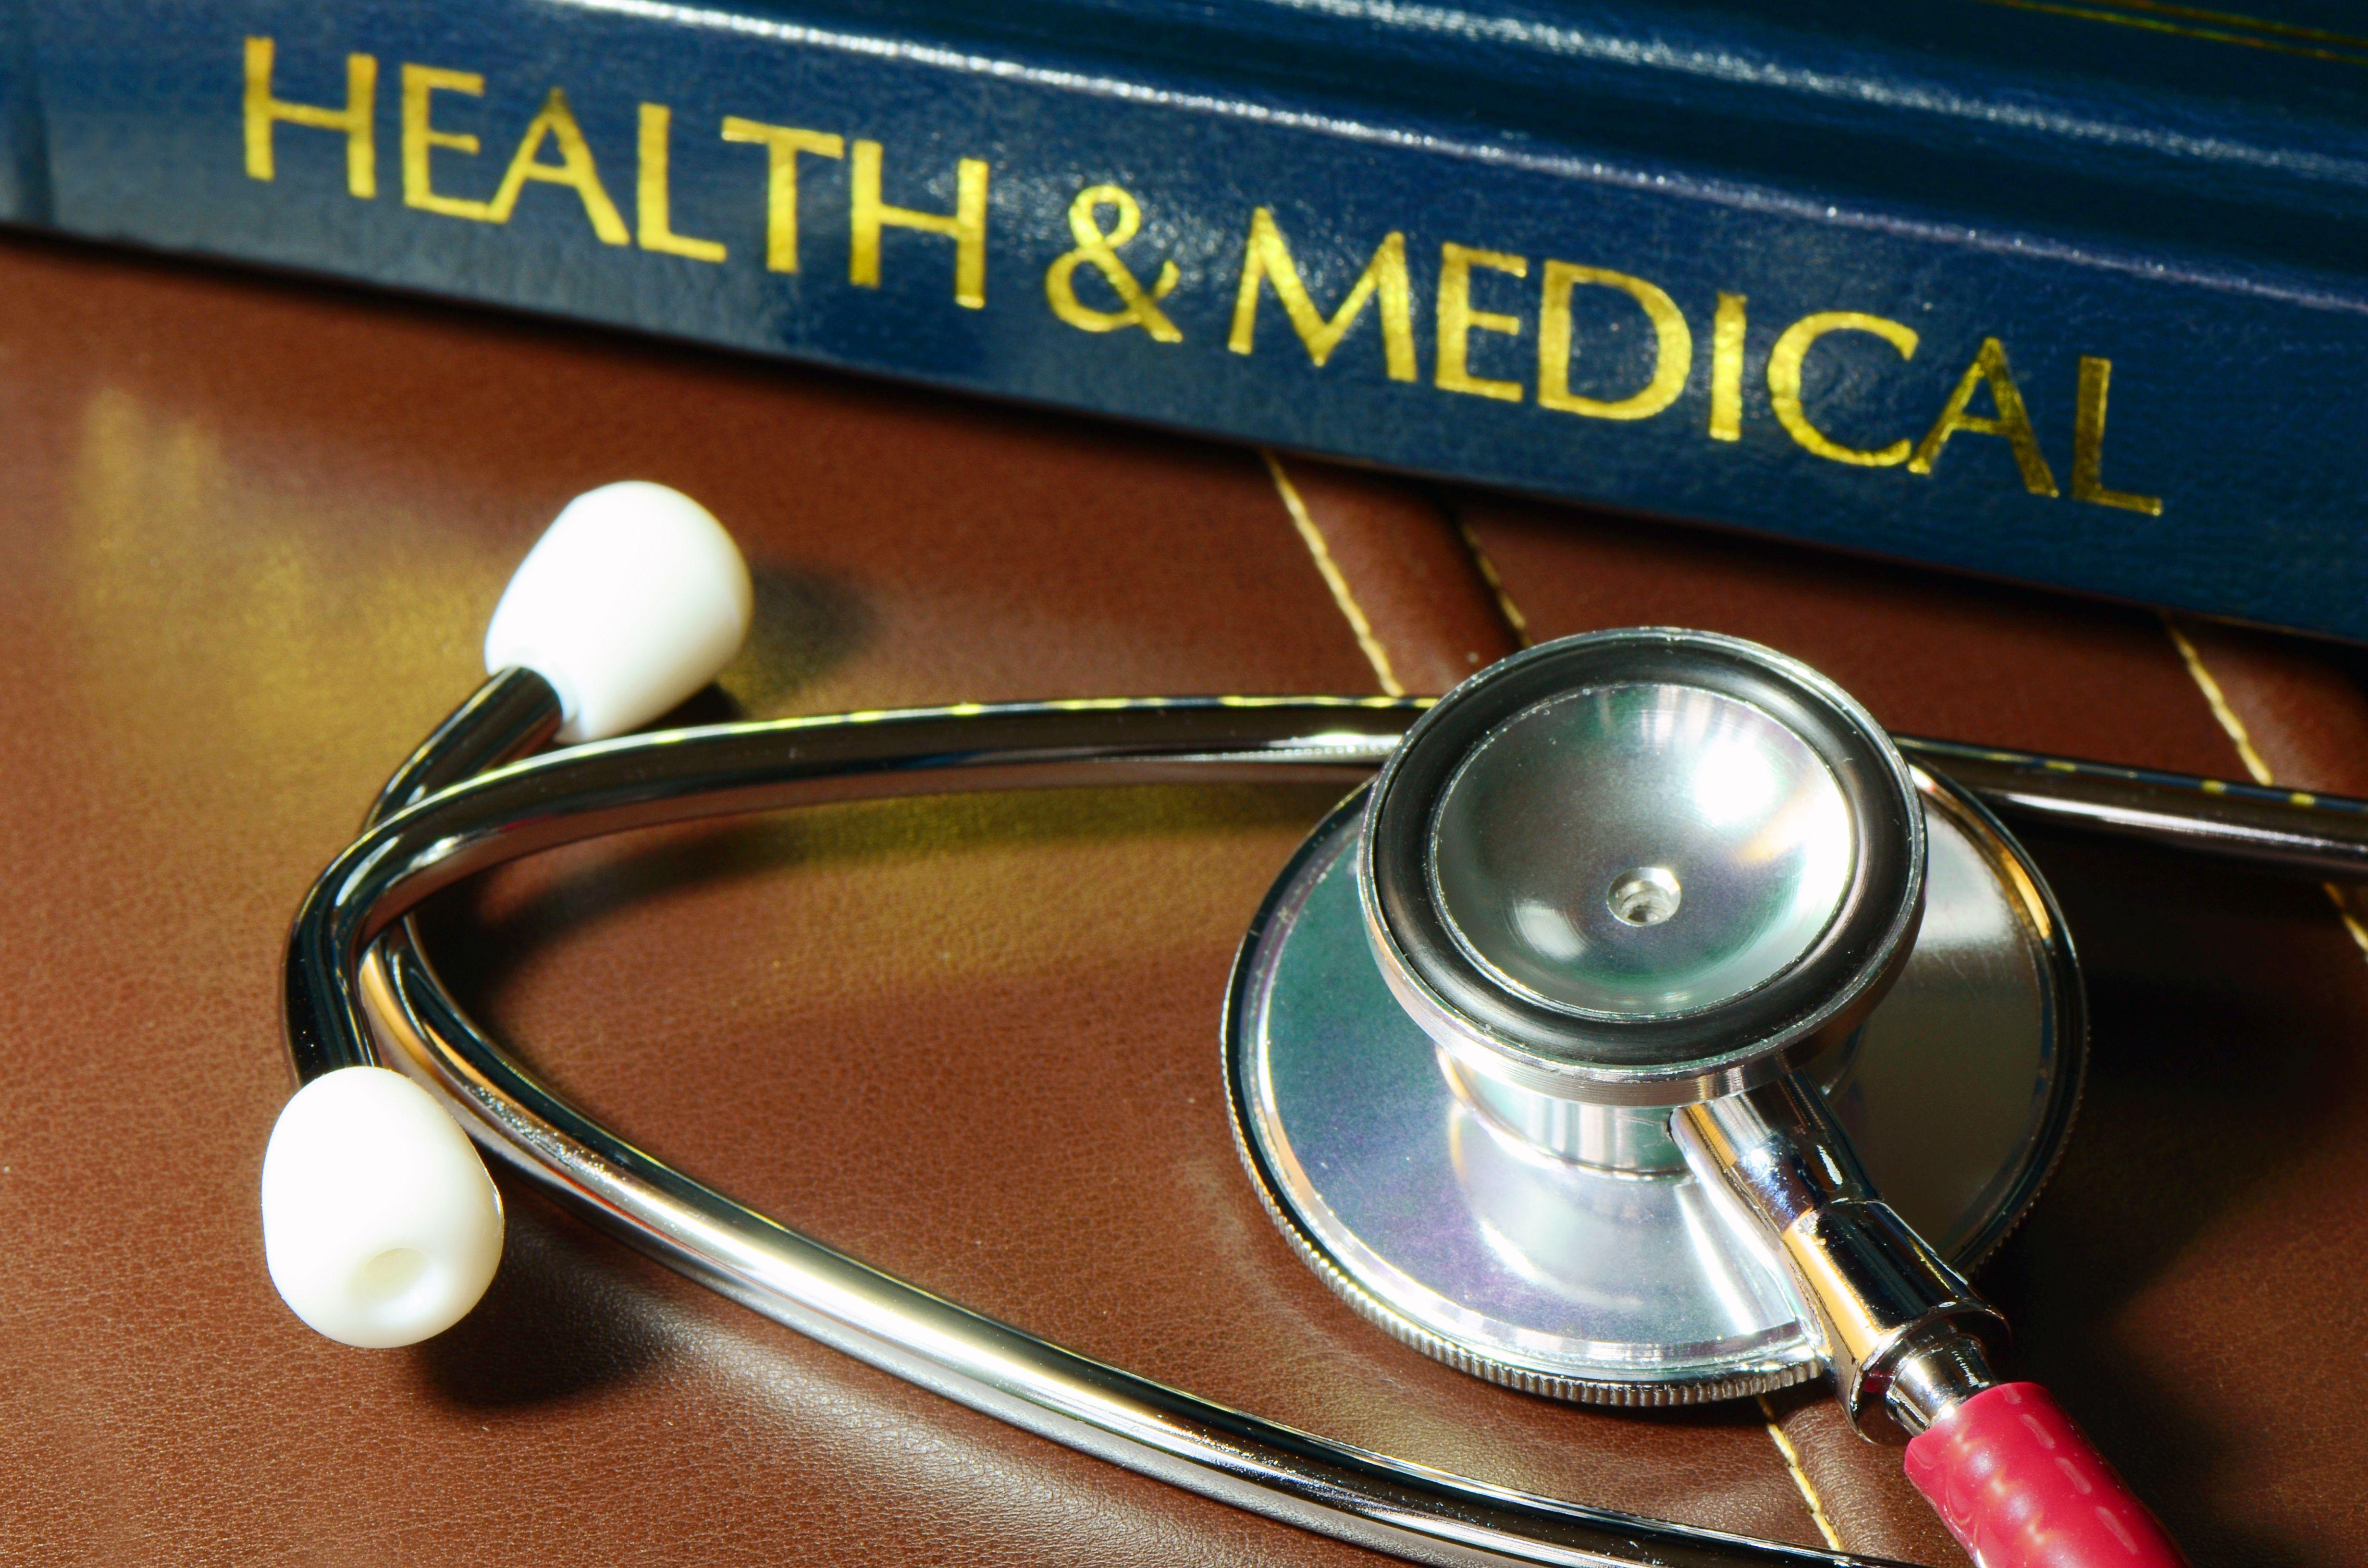 Soy licenciada y con amplia experiencia en la salud